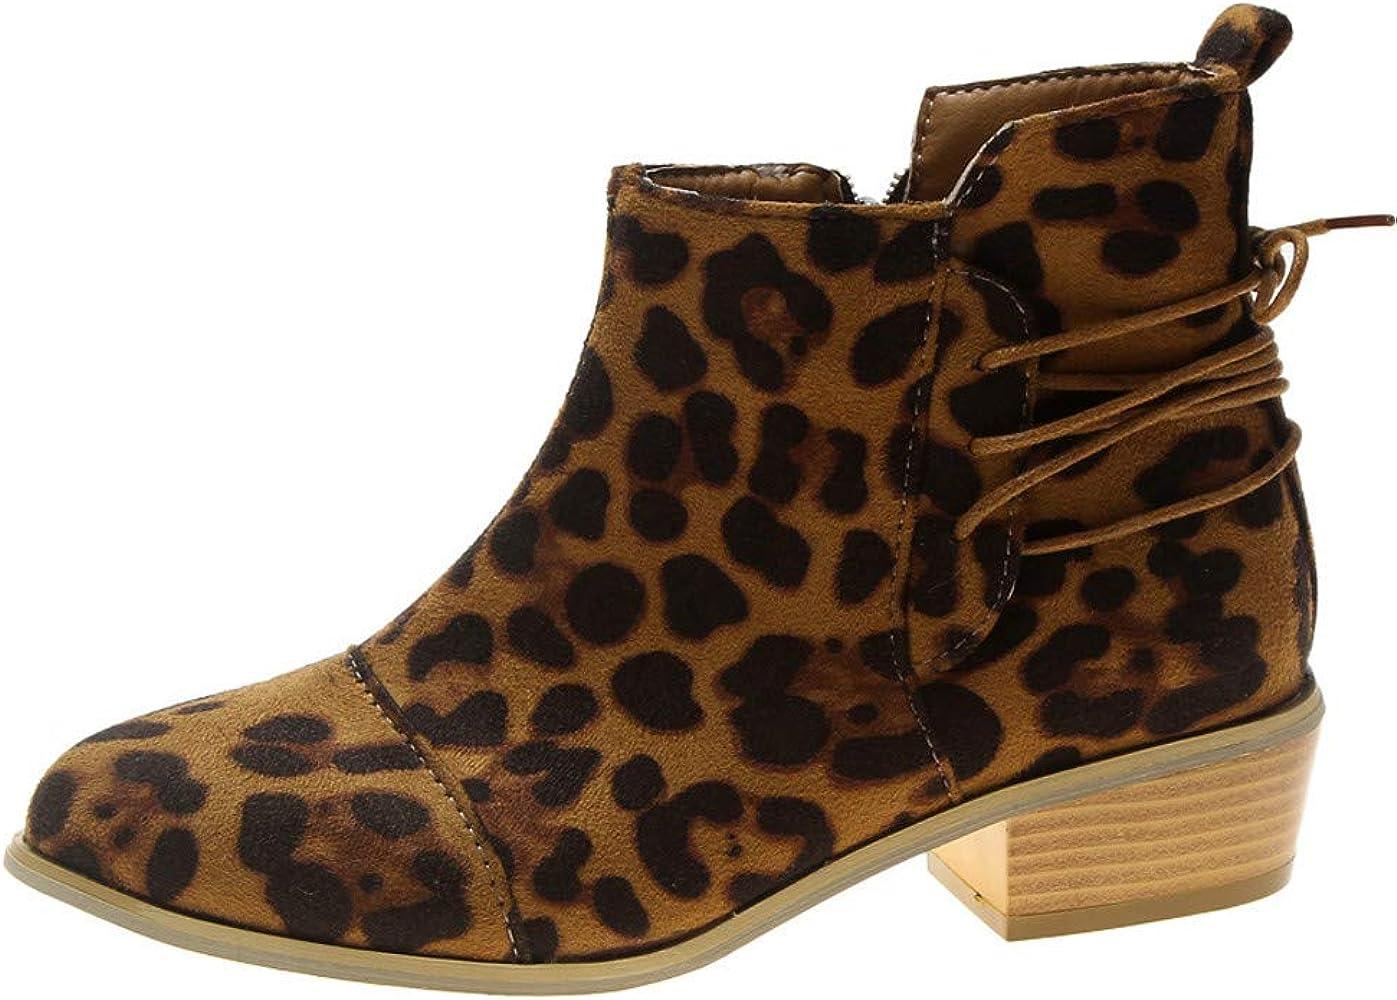 Bottes Femme,Beauty Top Femmes Chelsea Boots Cheville Court